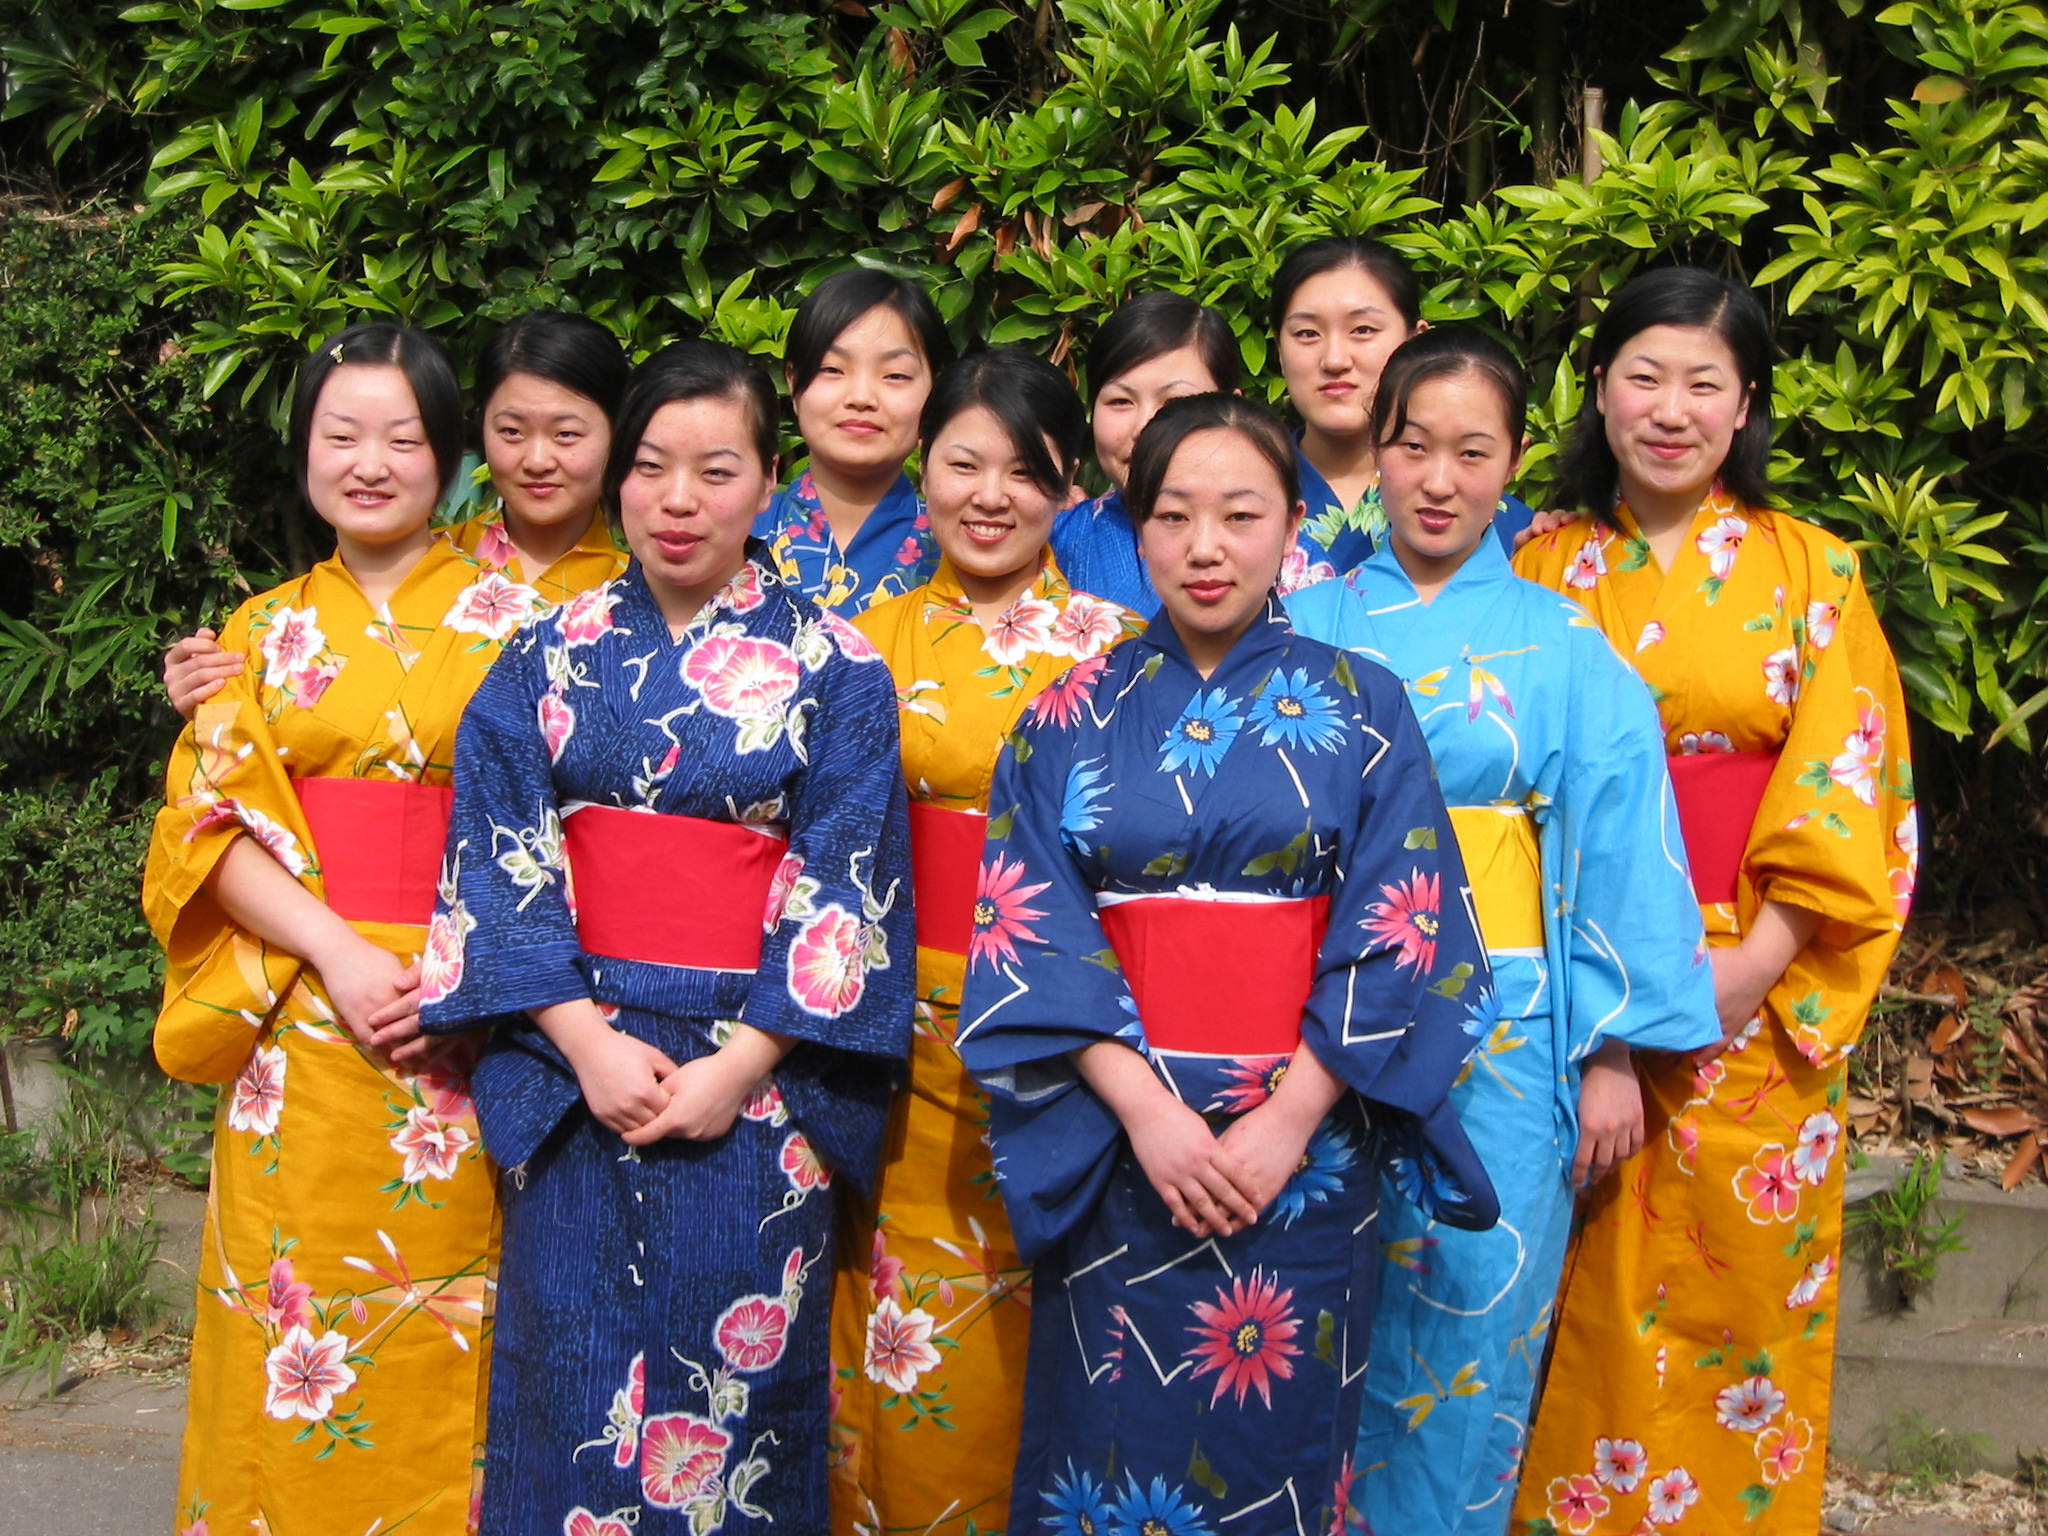 日本で生活する外国人のワンストップサービス